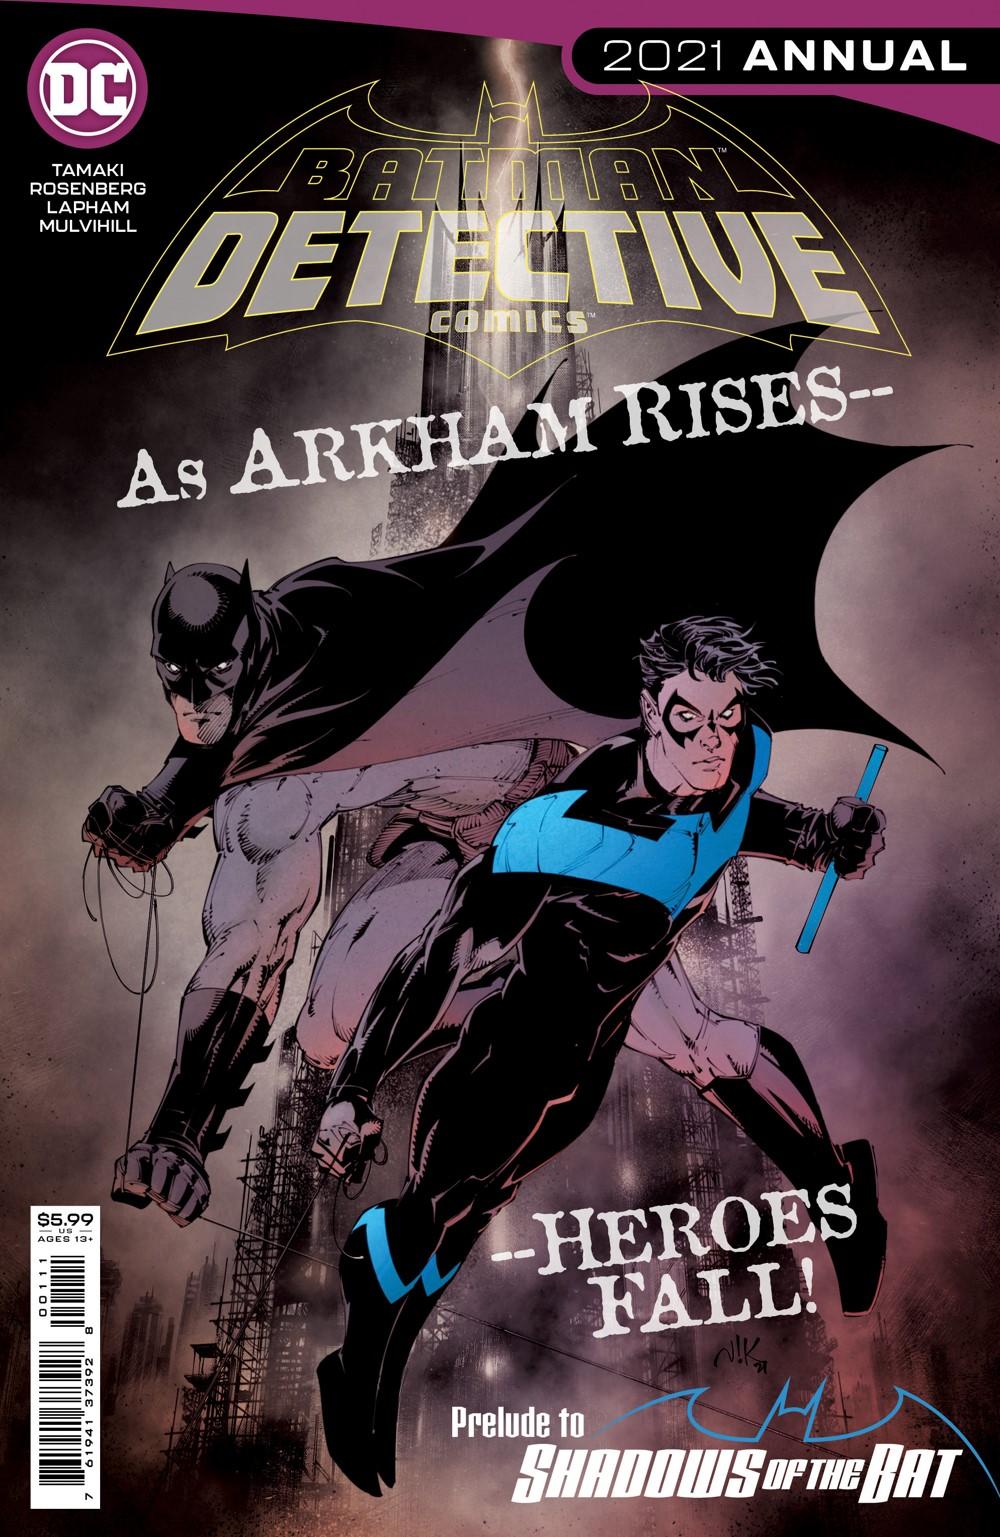 DTC_2021_ANNL_Cv1 DC Comics November 2021 Solicitations